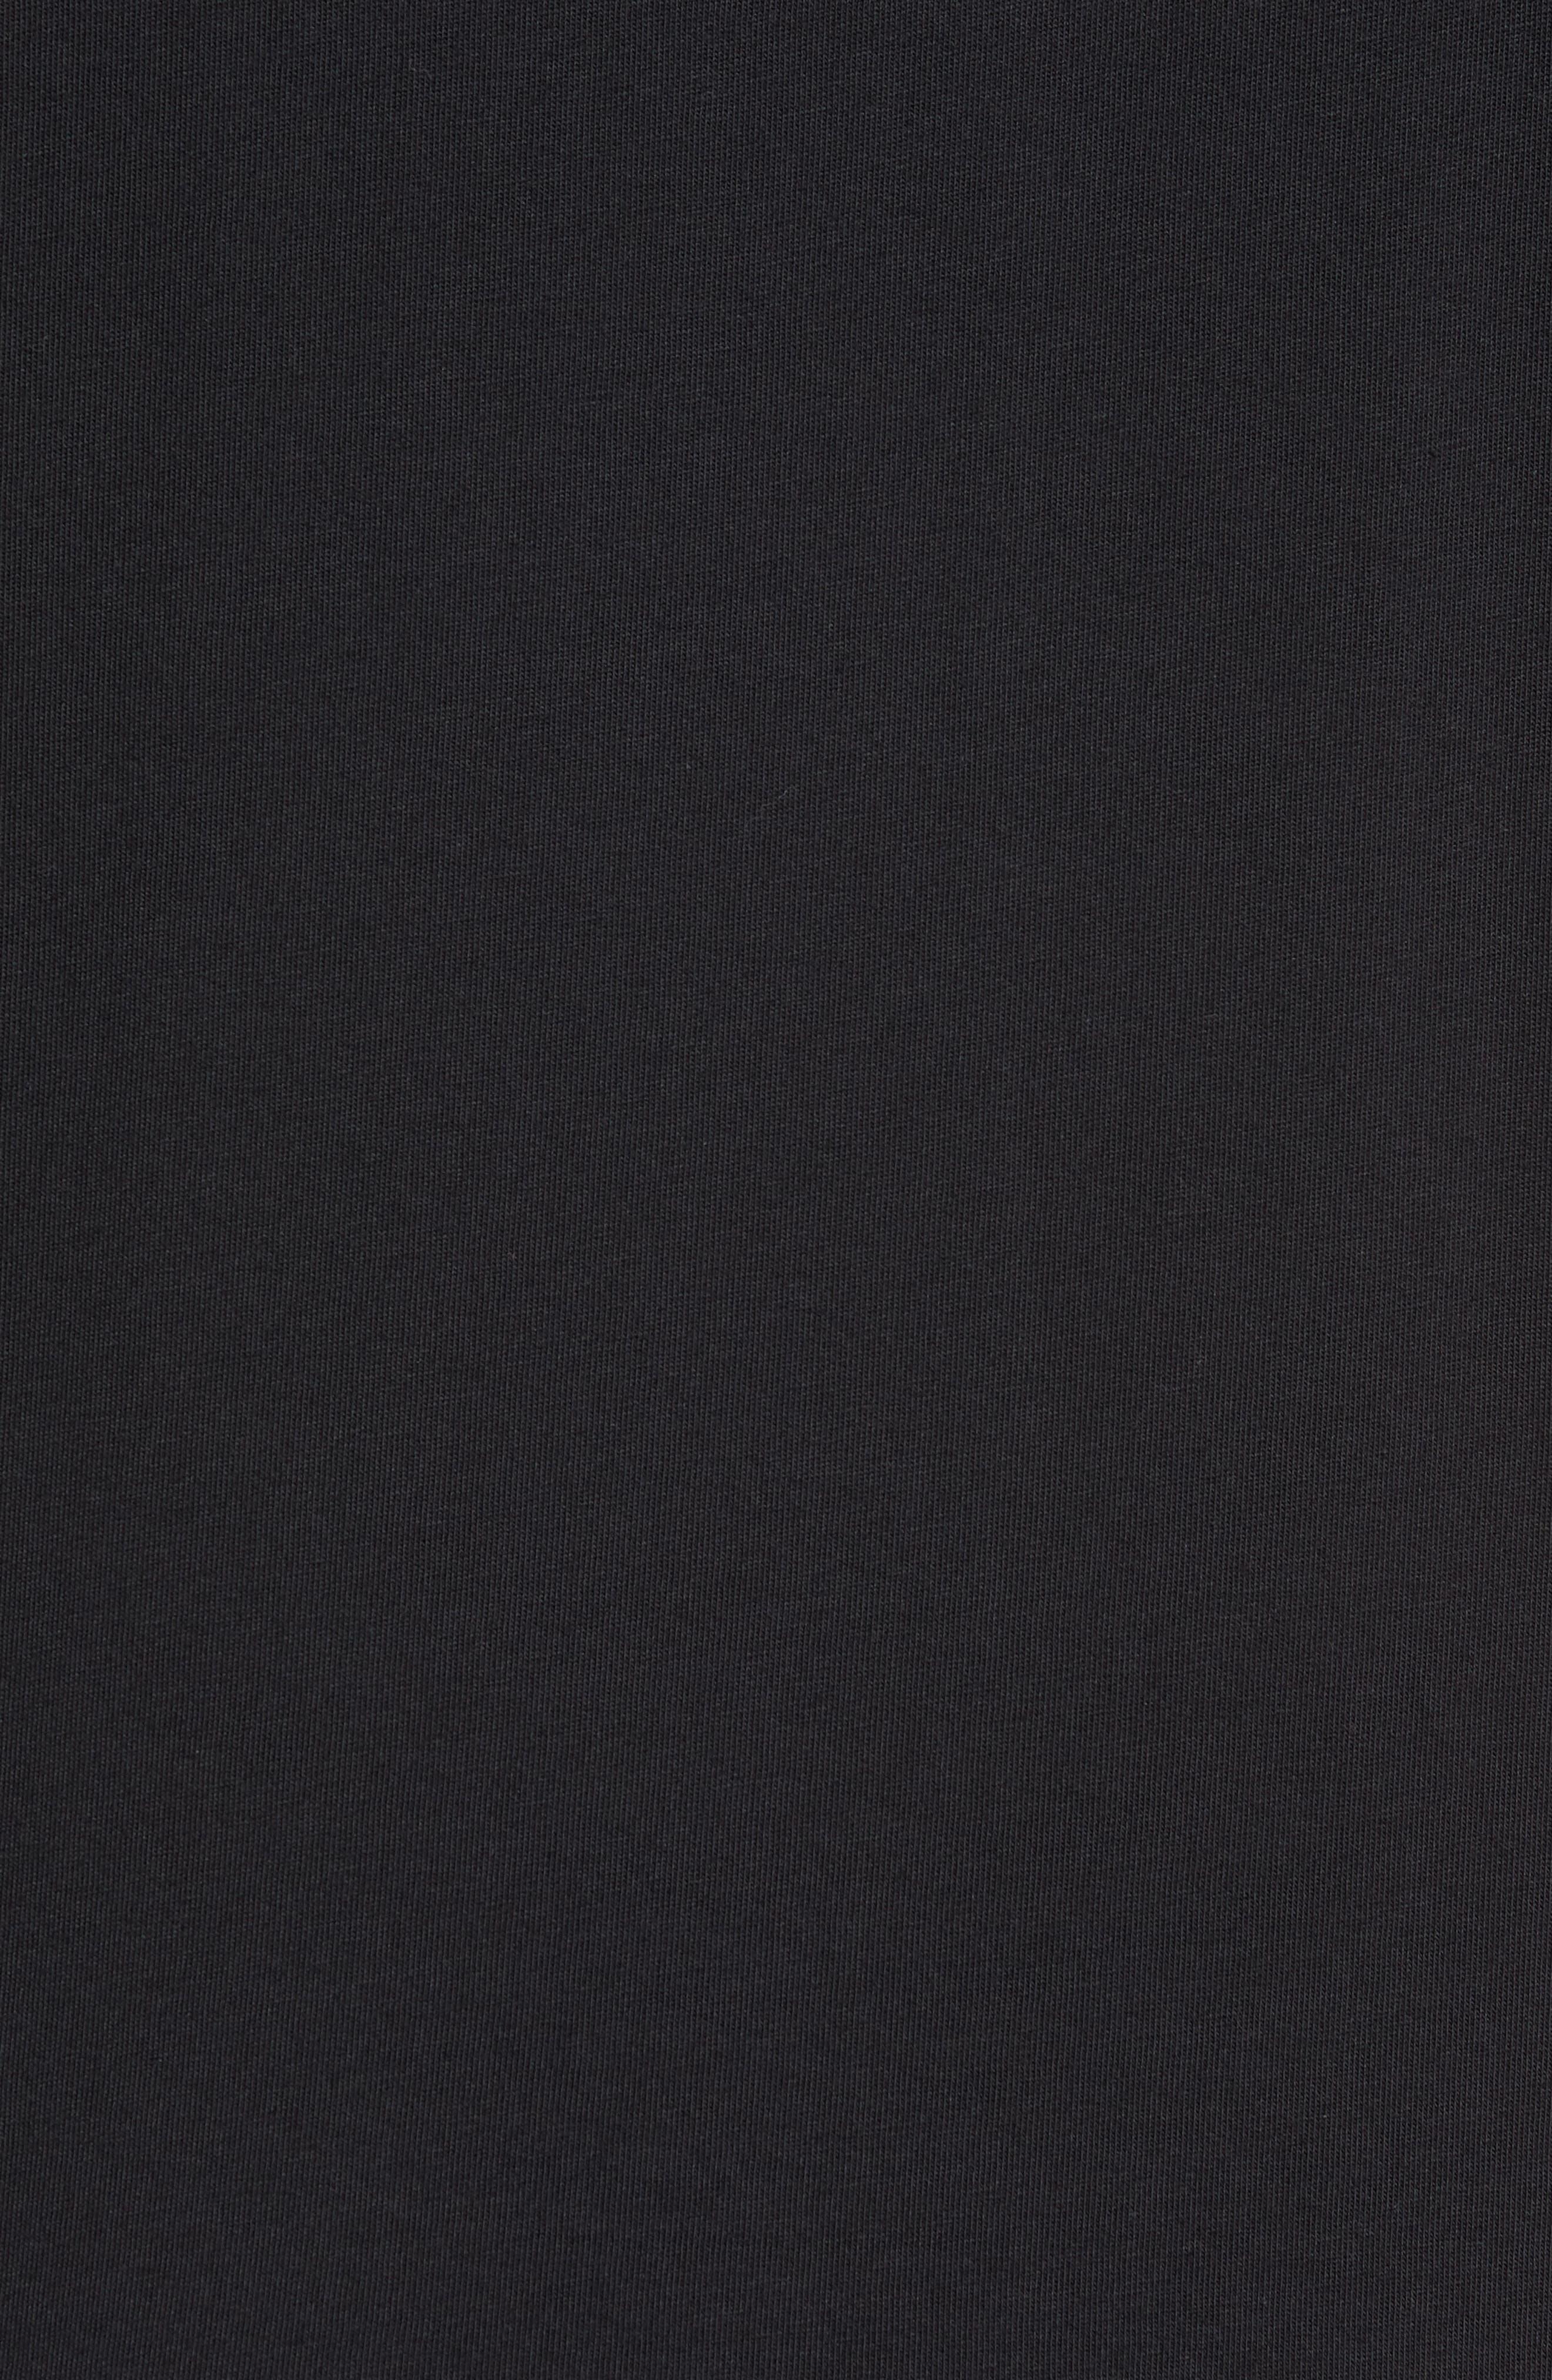 NEW BALANCE, NB Shoe Box Graphic T-Shirt, Alternate thumbnail 5, color, BLACK